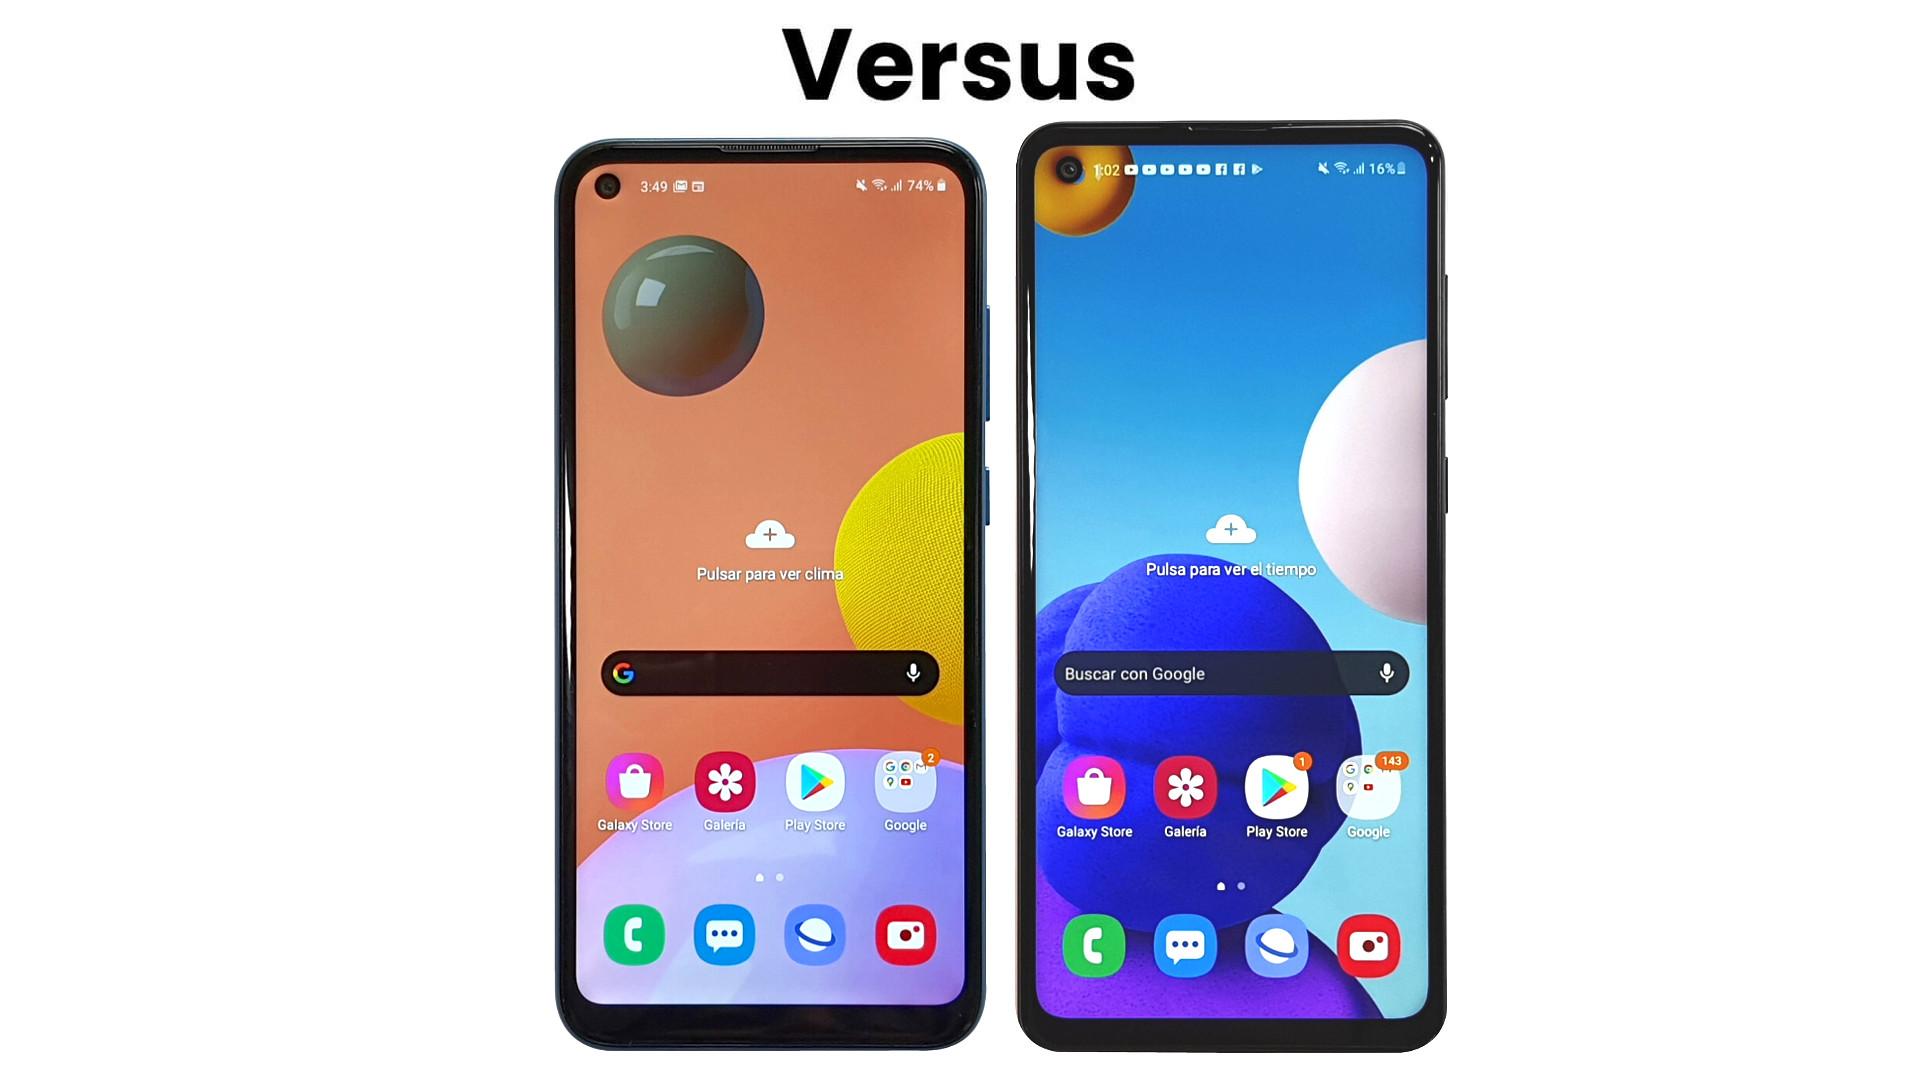 Comparativa Samsung Galaxy A11 vs Galaxy A21s: el precio es la clave